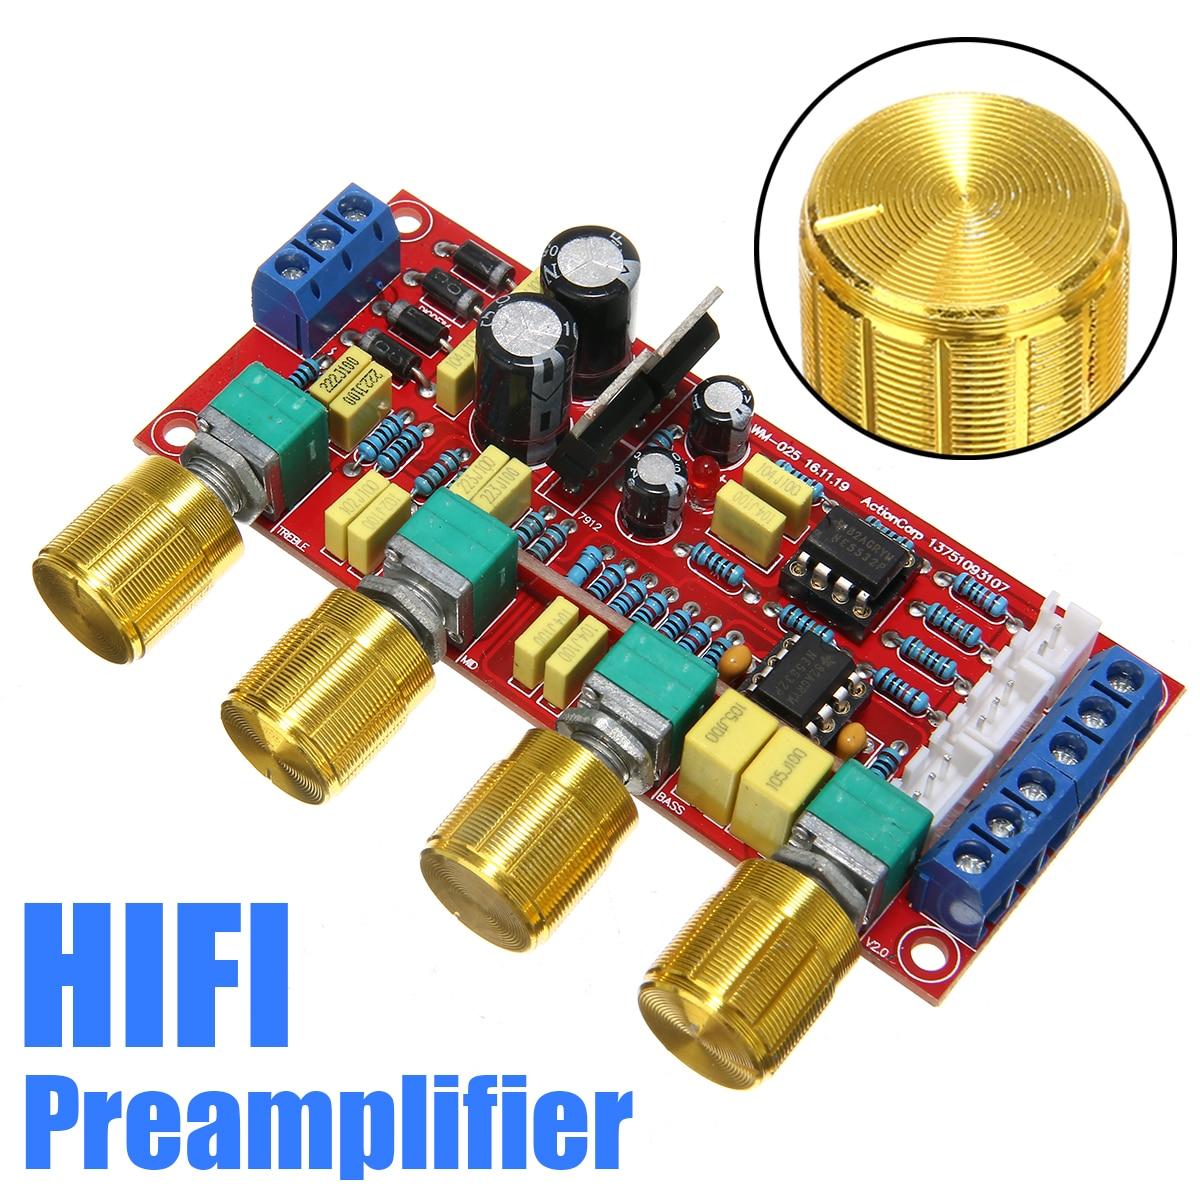 Hifi Preamp Kit